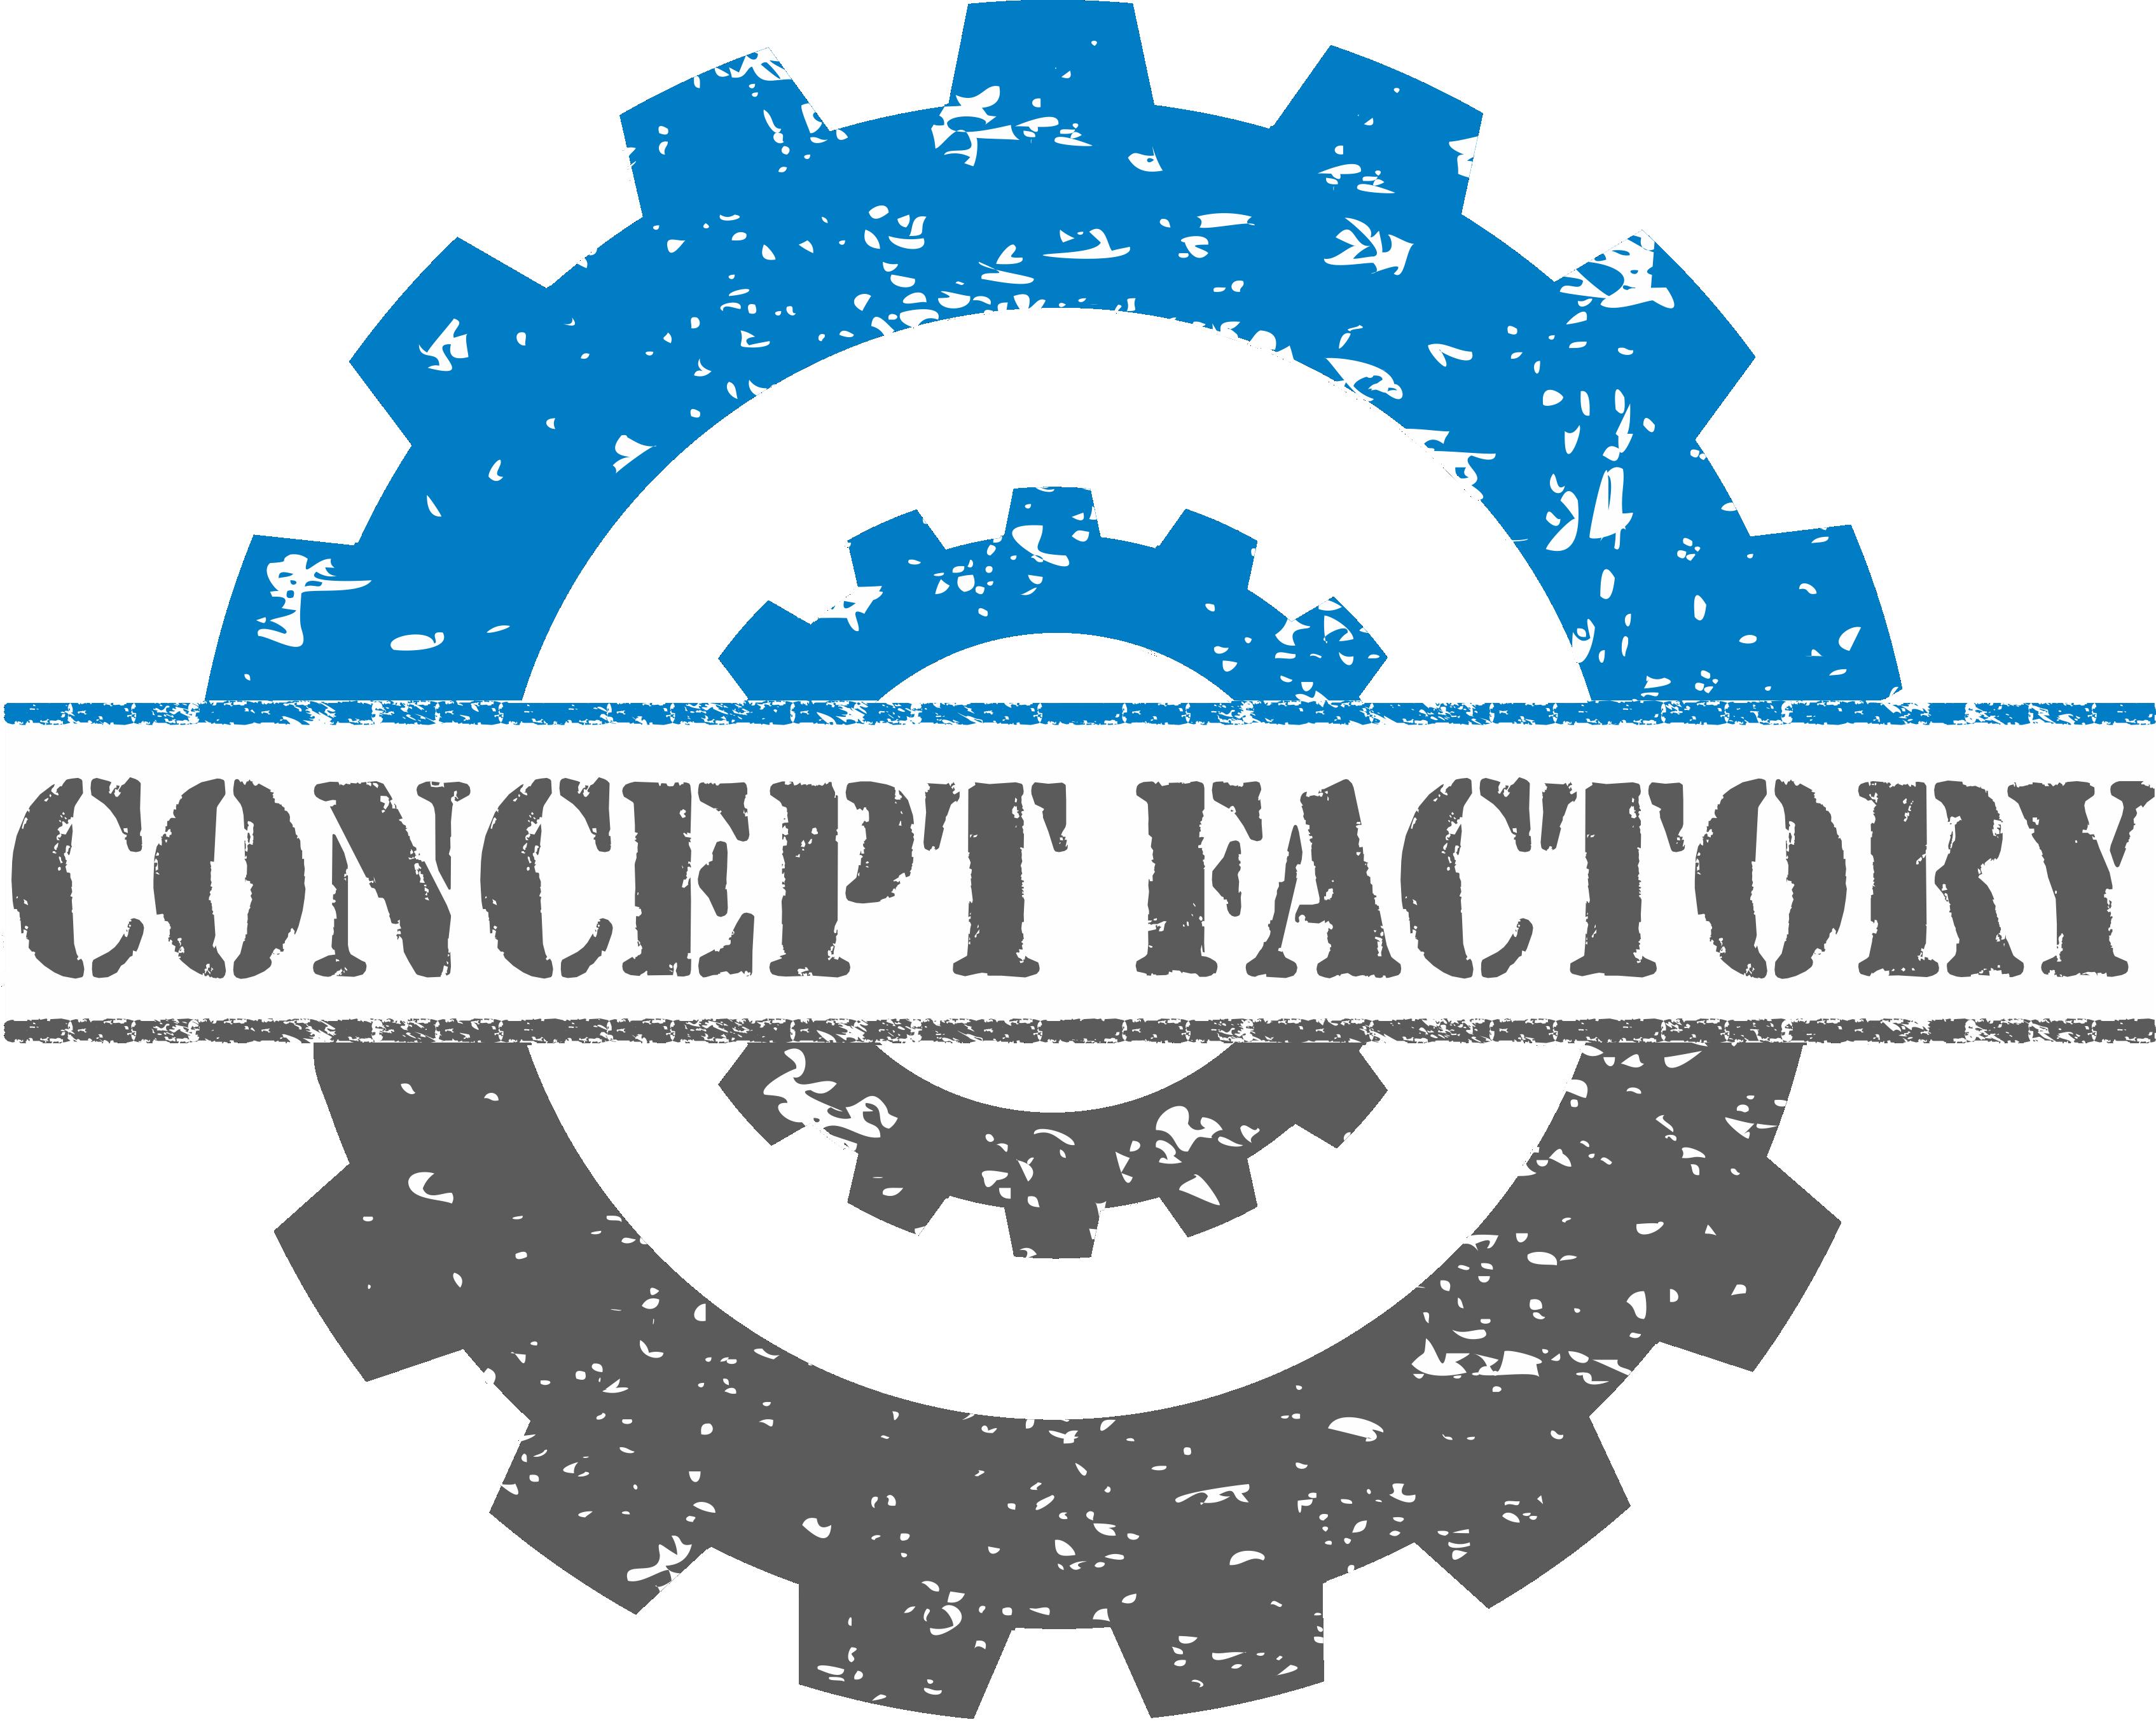 Concept Factory logo